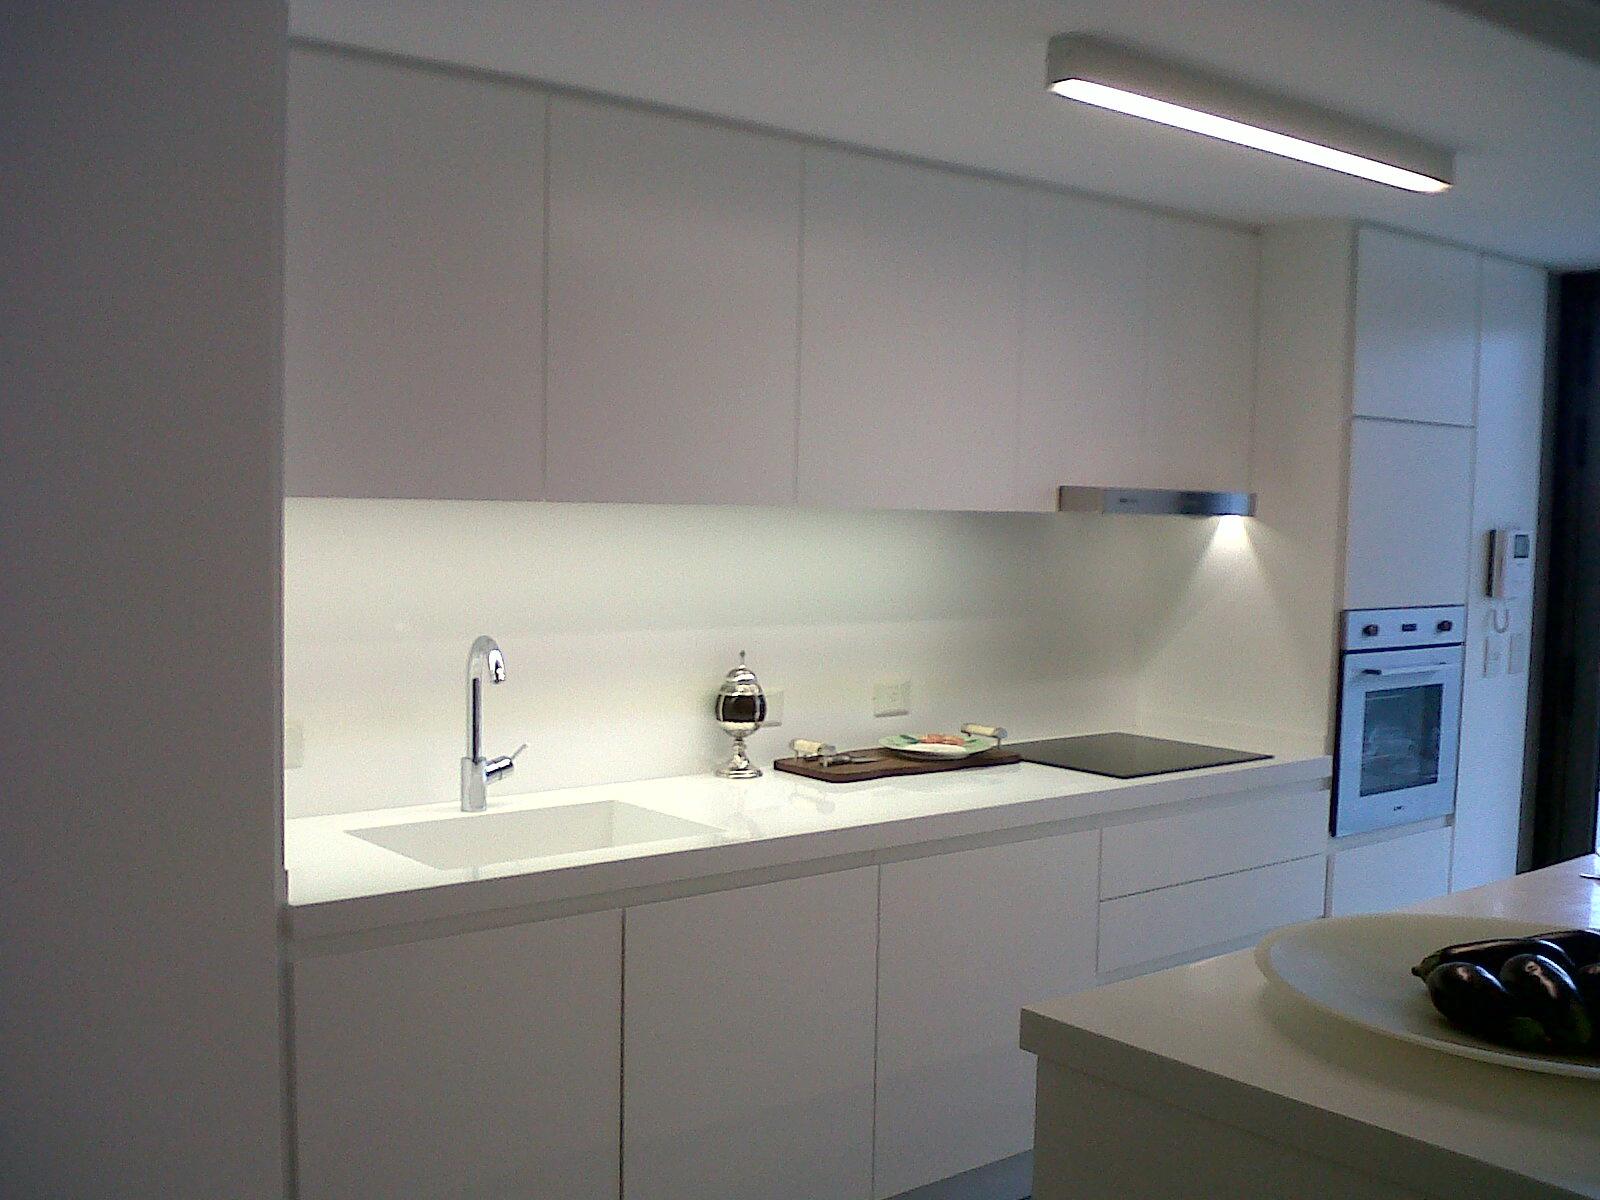 Iluminacion e p s i otros trabajos nuestros con leds - Luces para cocina ...